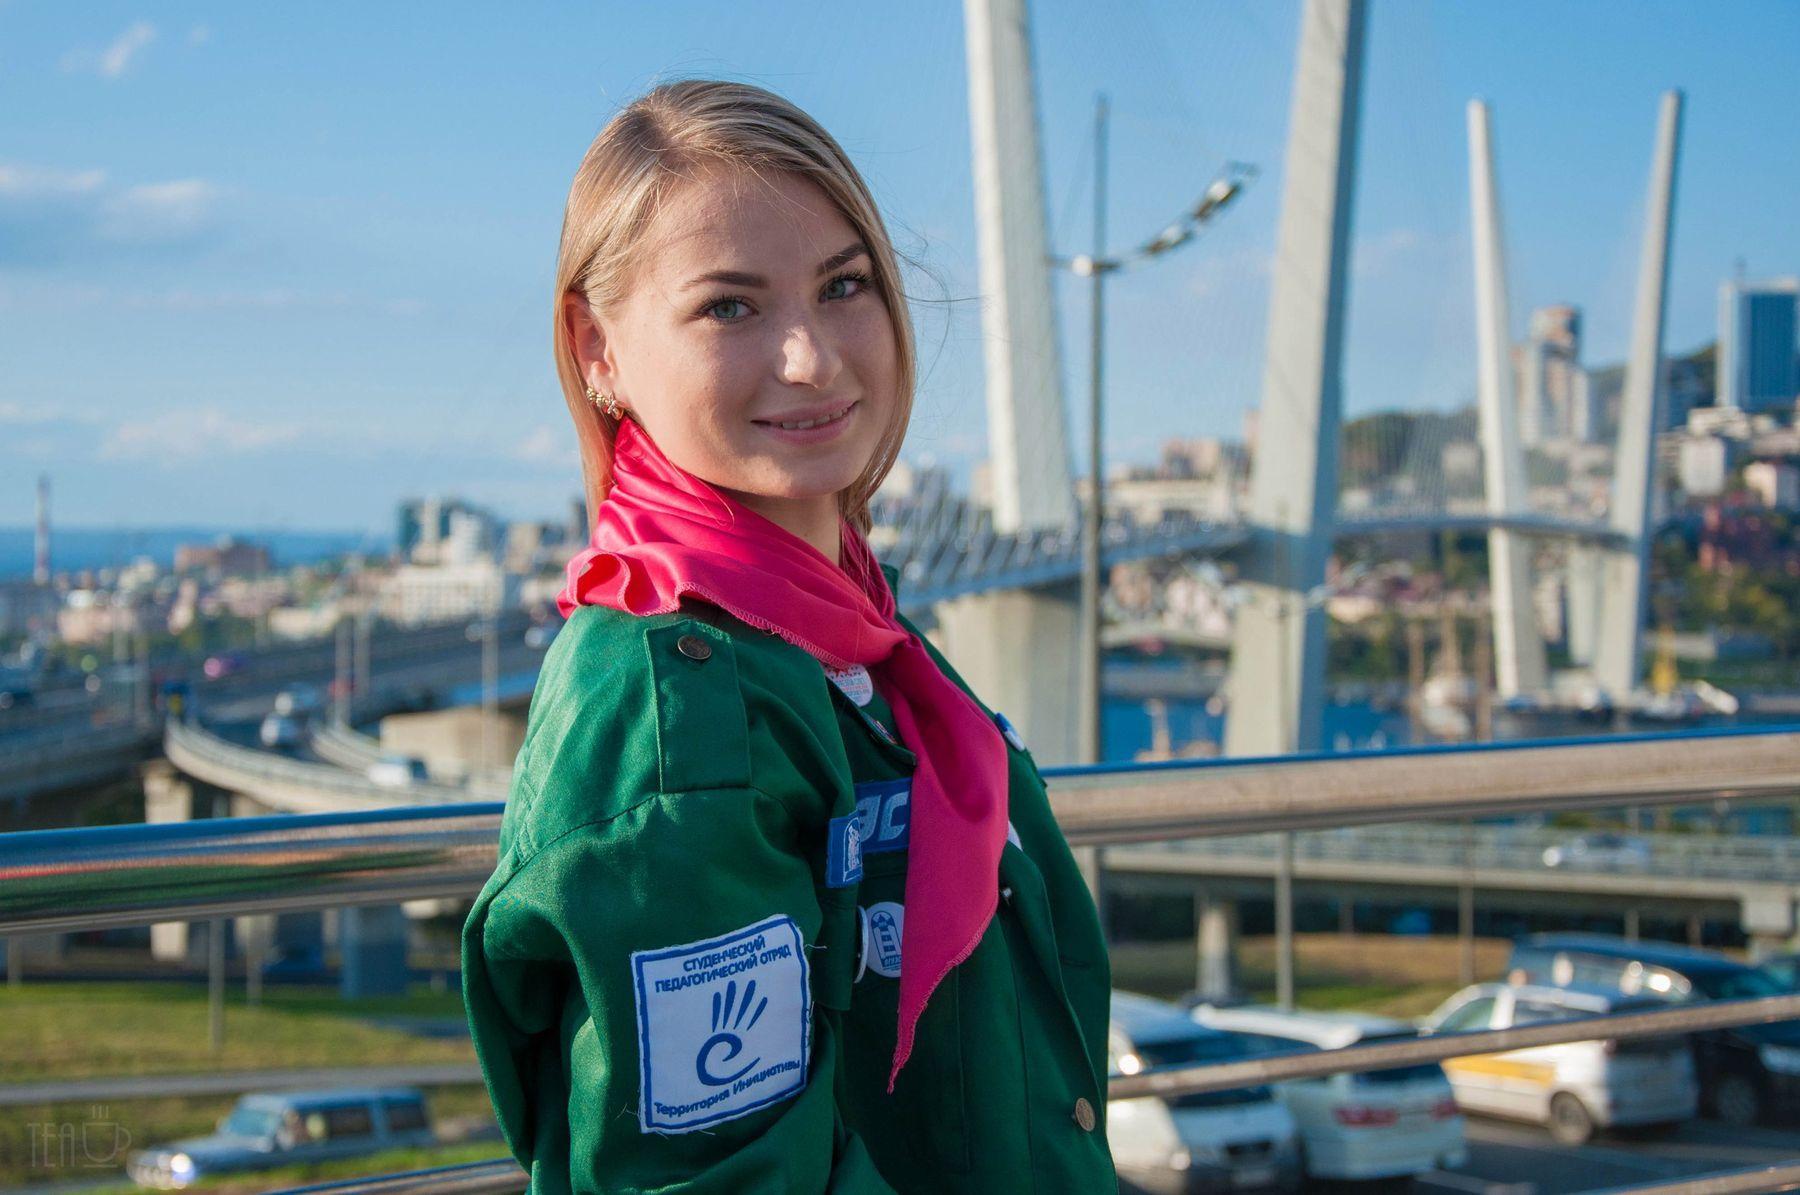 Анна Дегтярёва, студентка Кафедры управления: «Слёт студенческих отрядов – это творчество и новые знакомства»